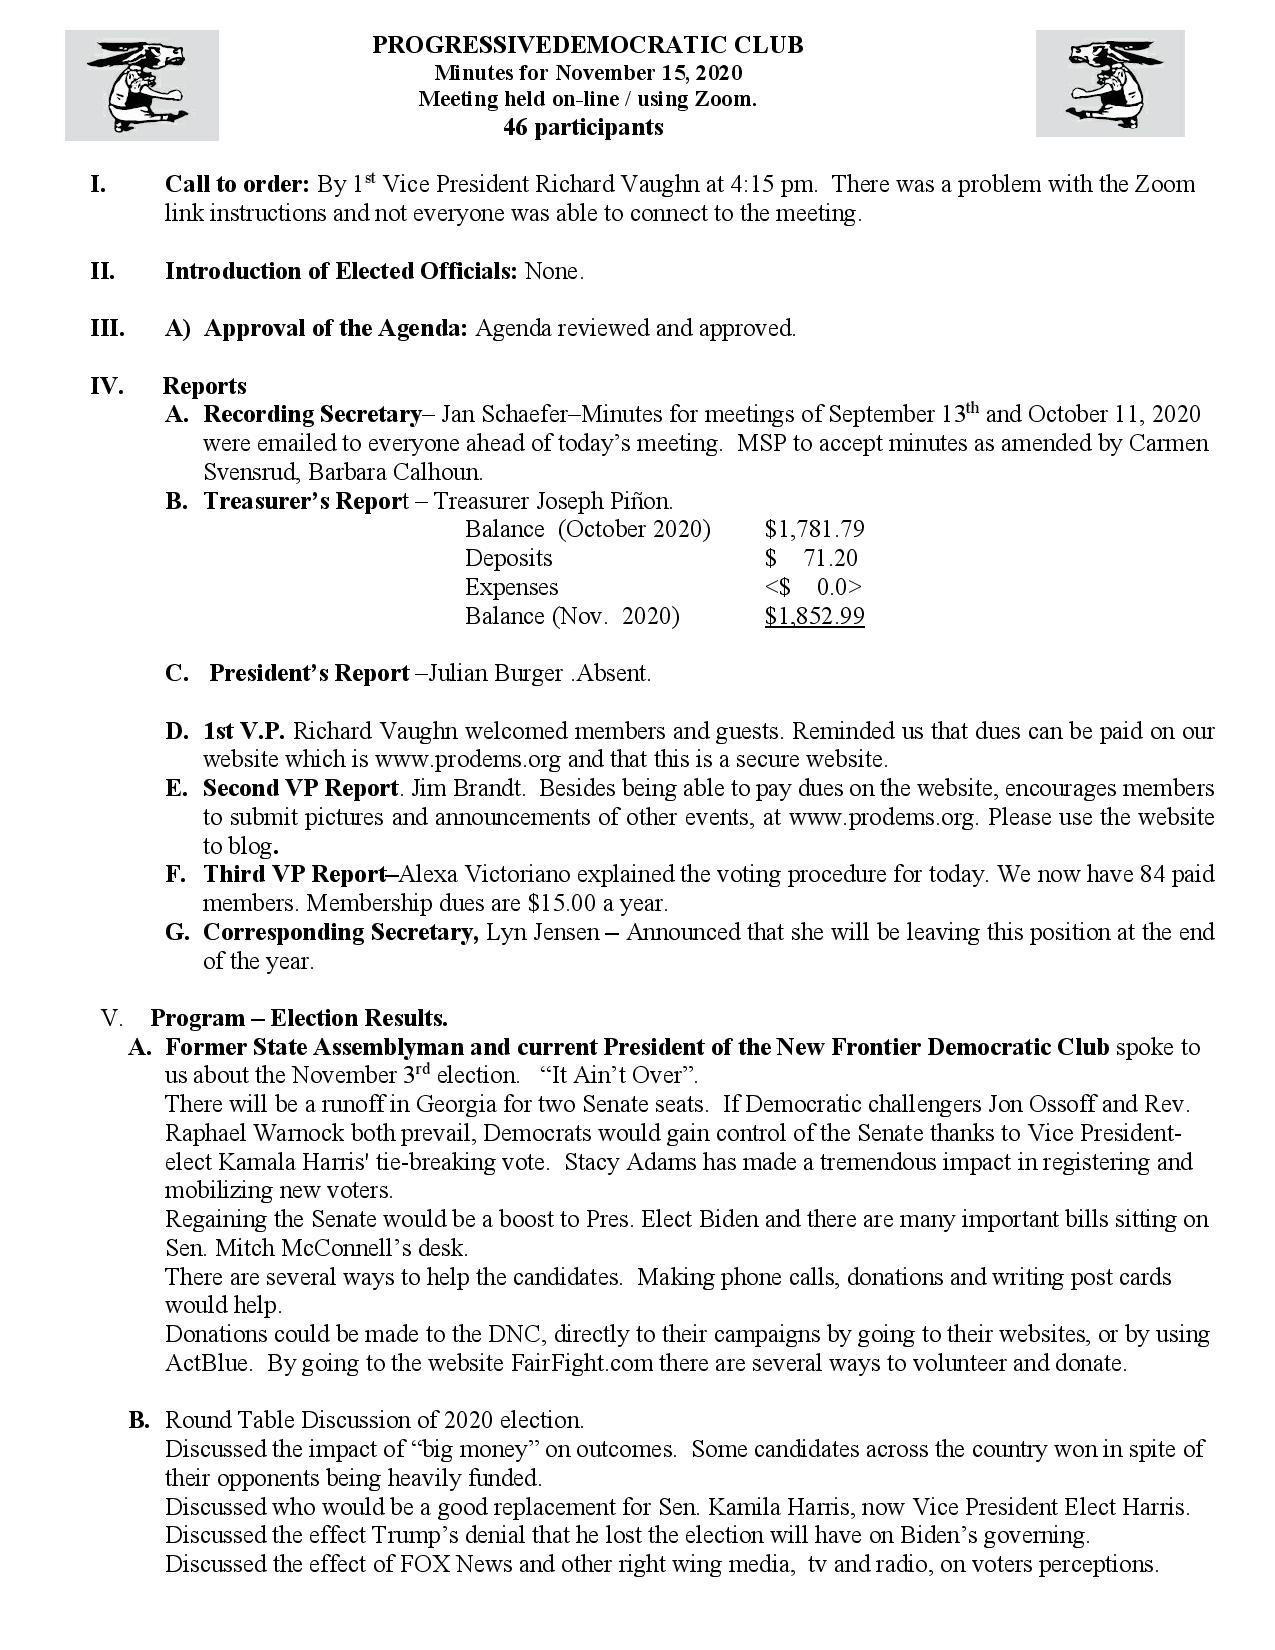 Minutes_November15_202061023-page-001.jpg